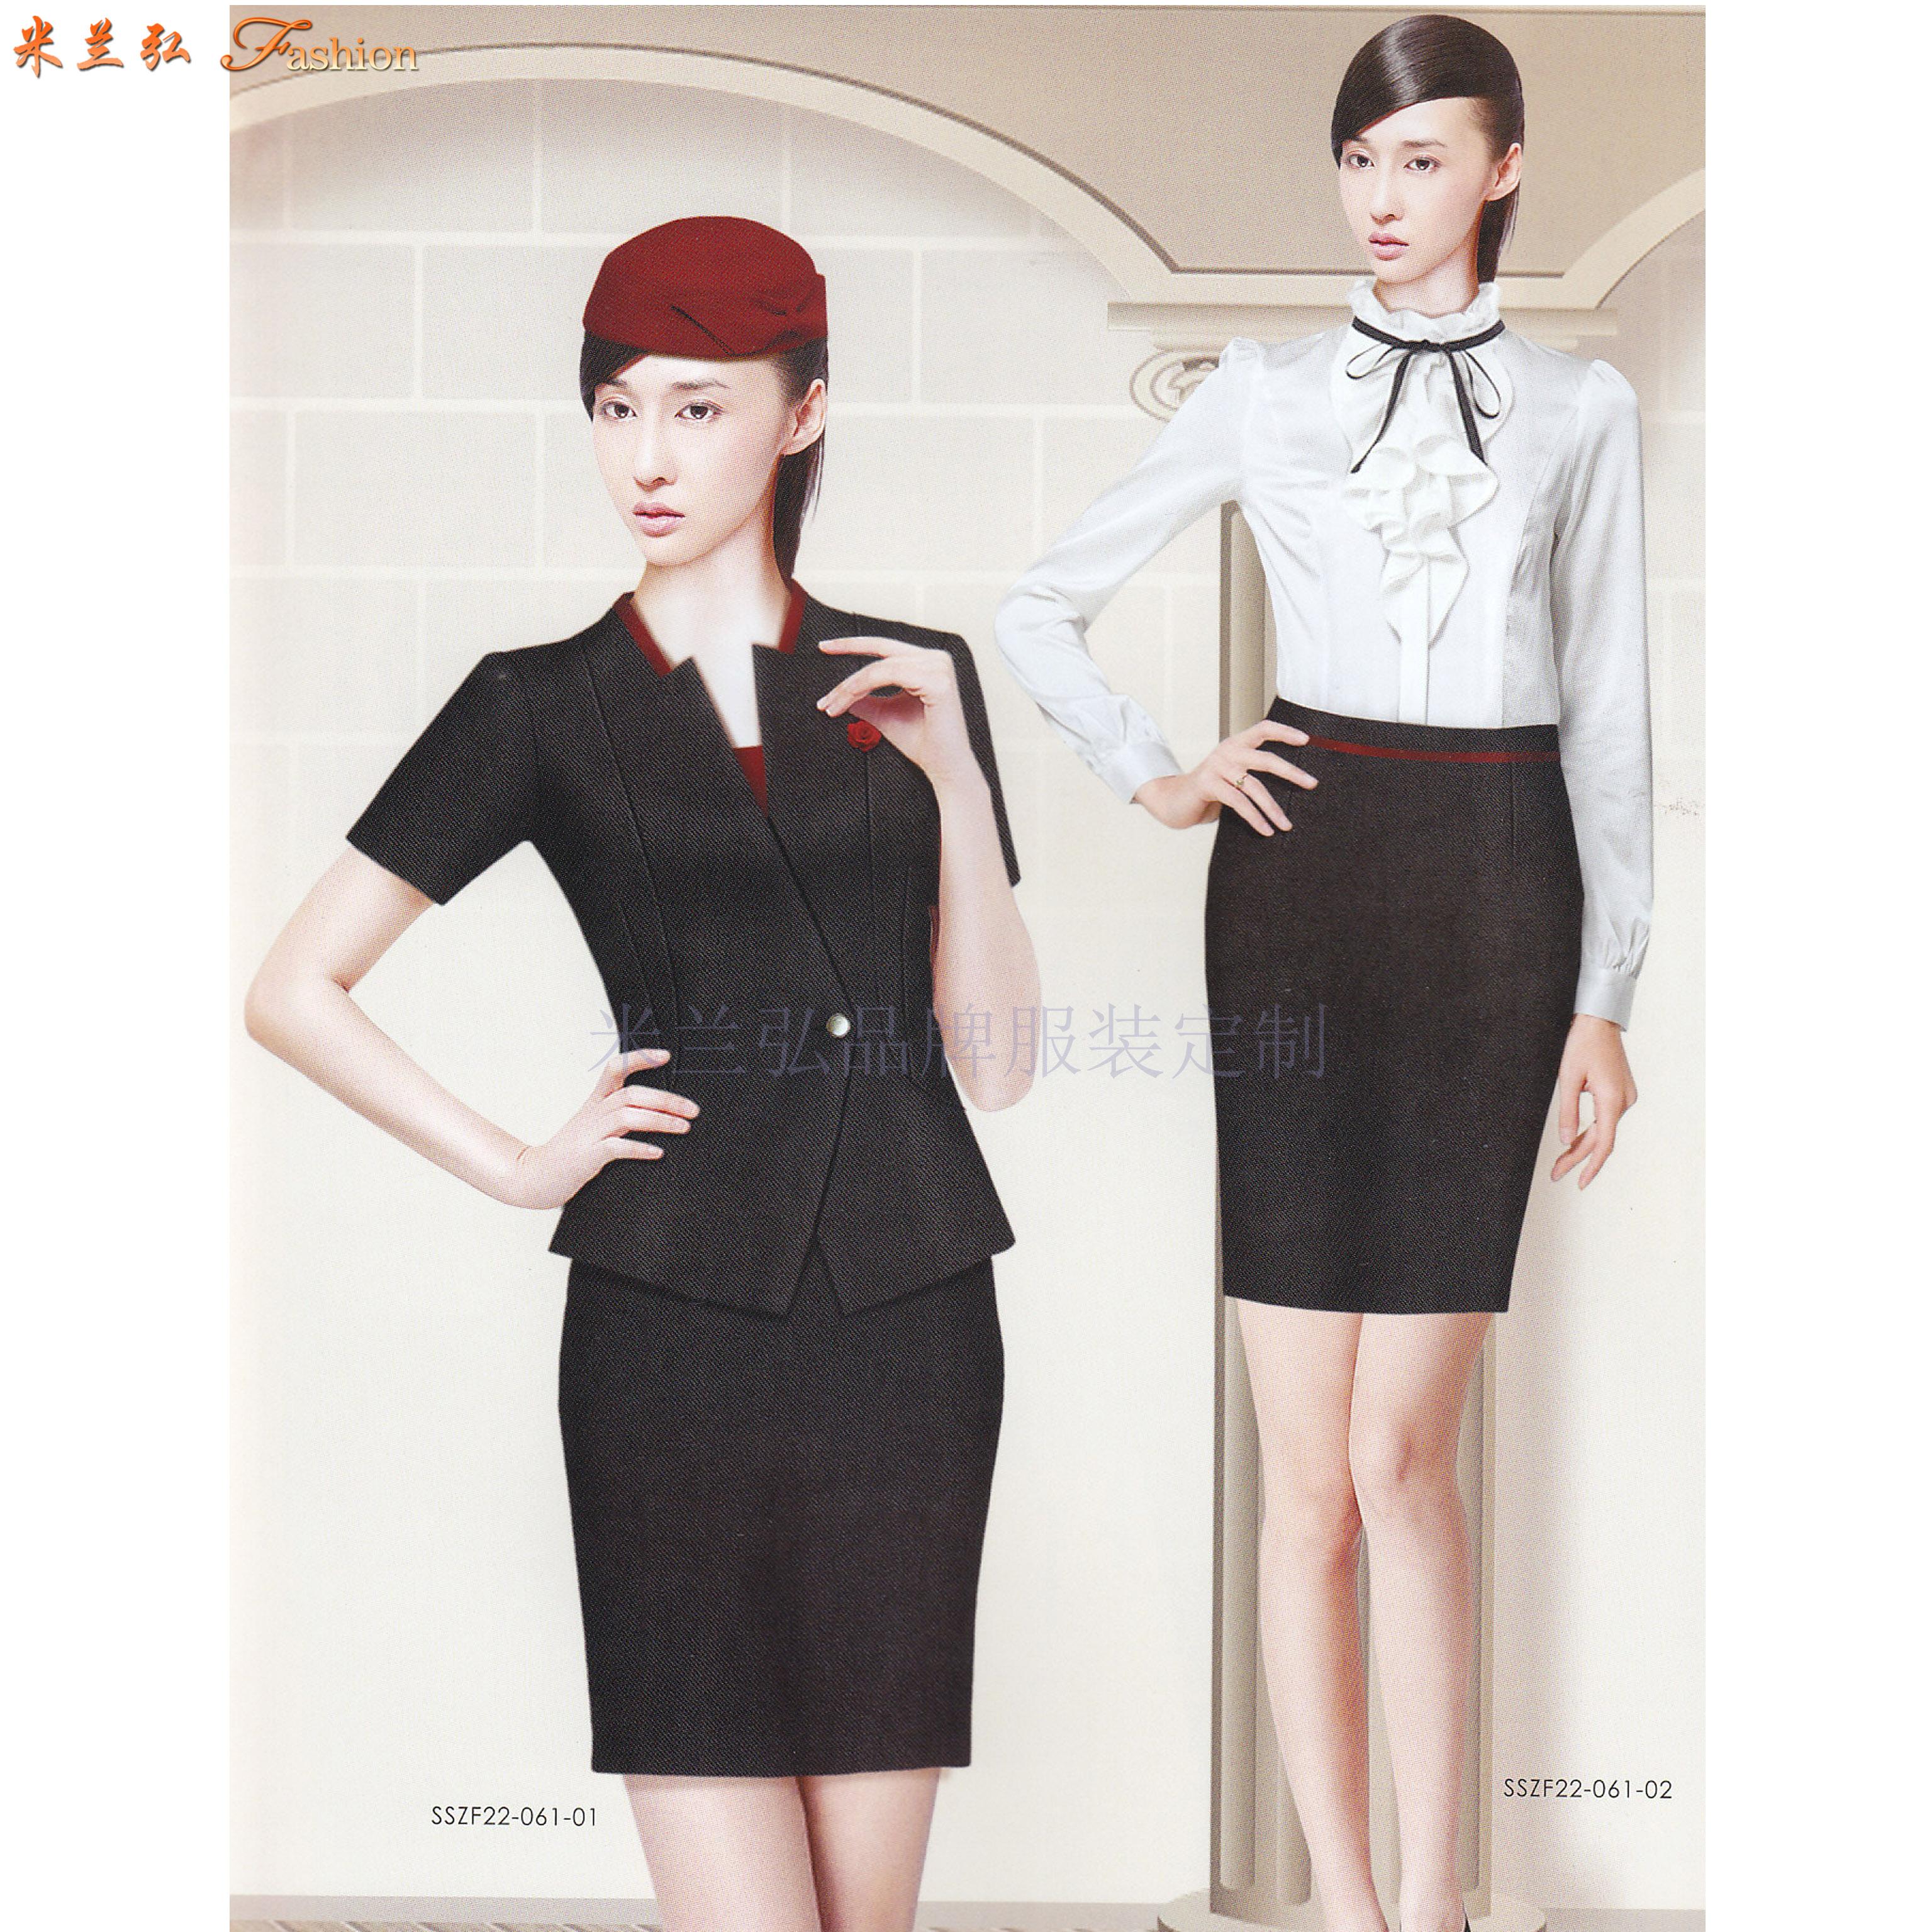 「濟南空姐服定製」「濟南空乘服訂做」推薦式樣時髦最新送体验金网站服裝-3